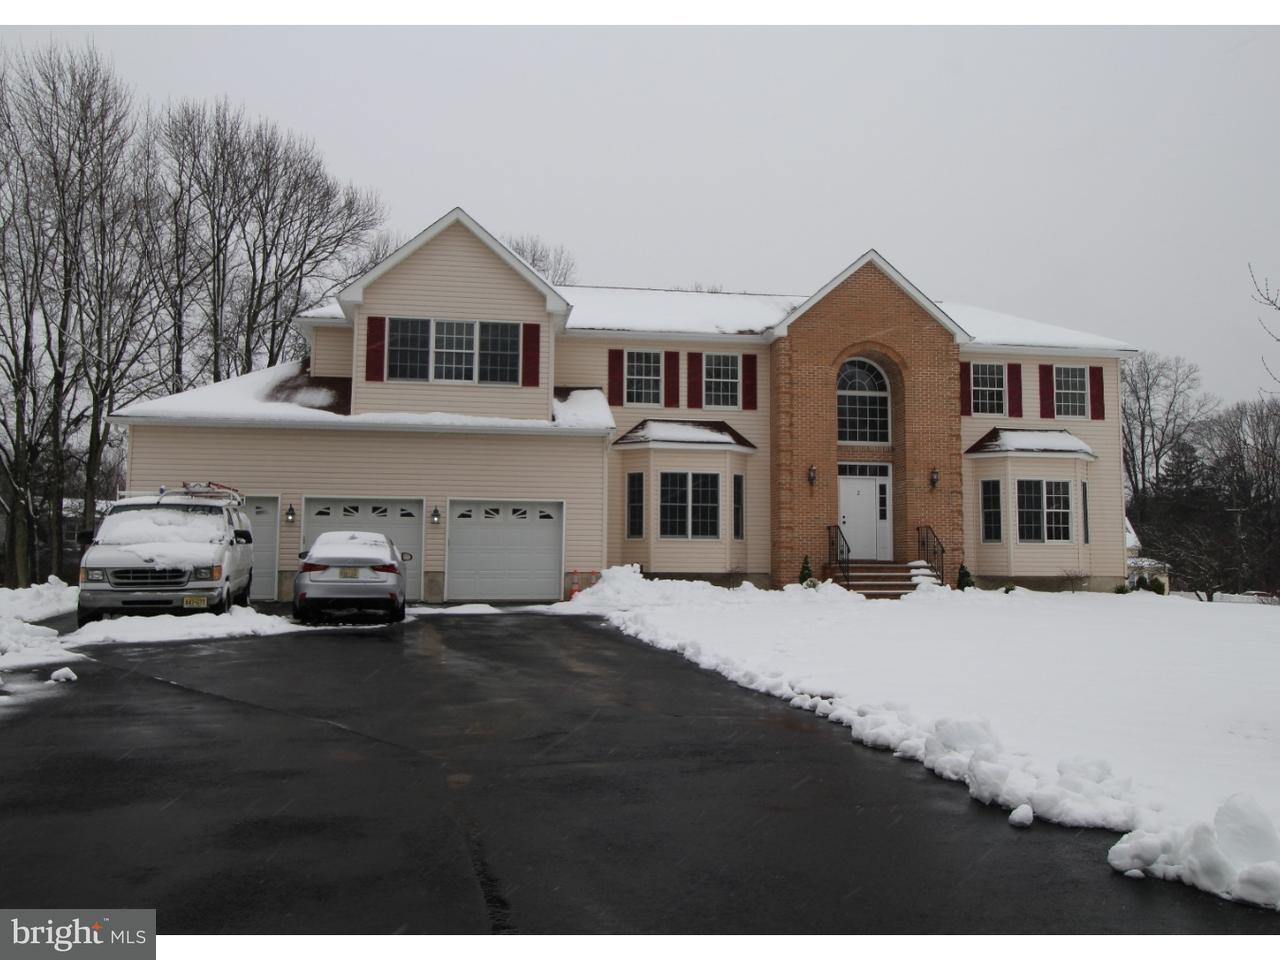 Maison unifamiliale pour l à louer à 2 EMIL Street Princeton Junction, New Jersey 08550 États-UnisDans/Autour: West Windsor Twp